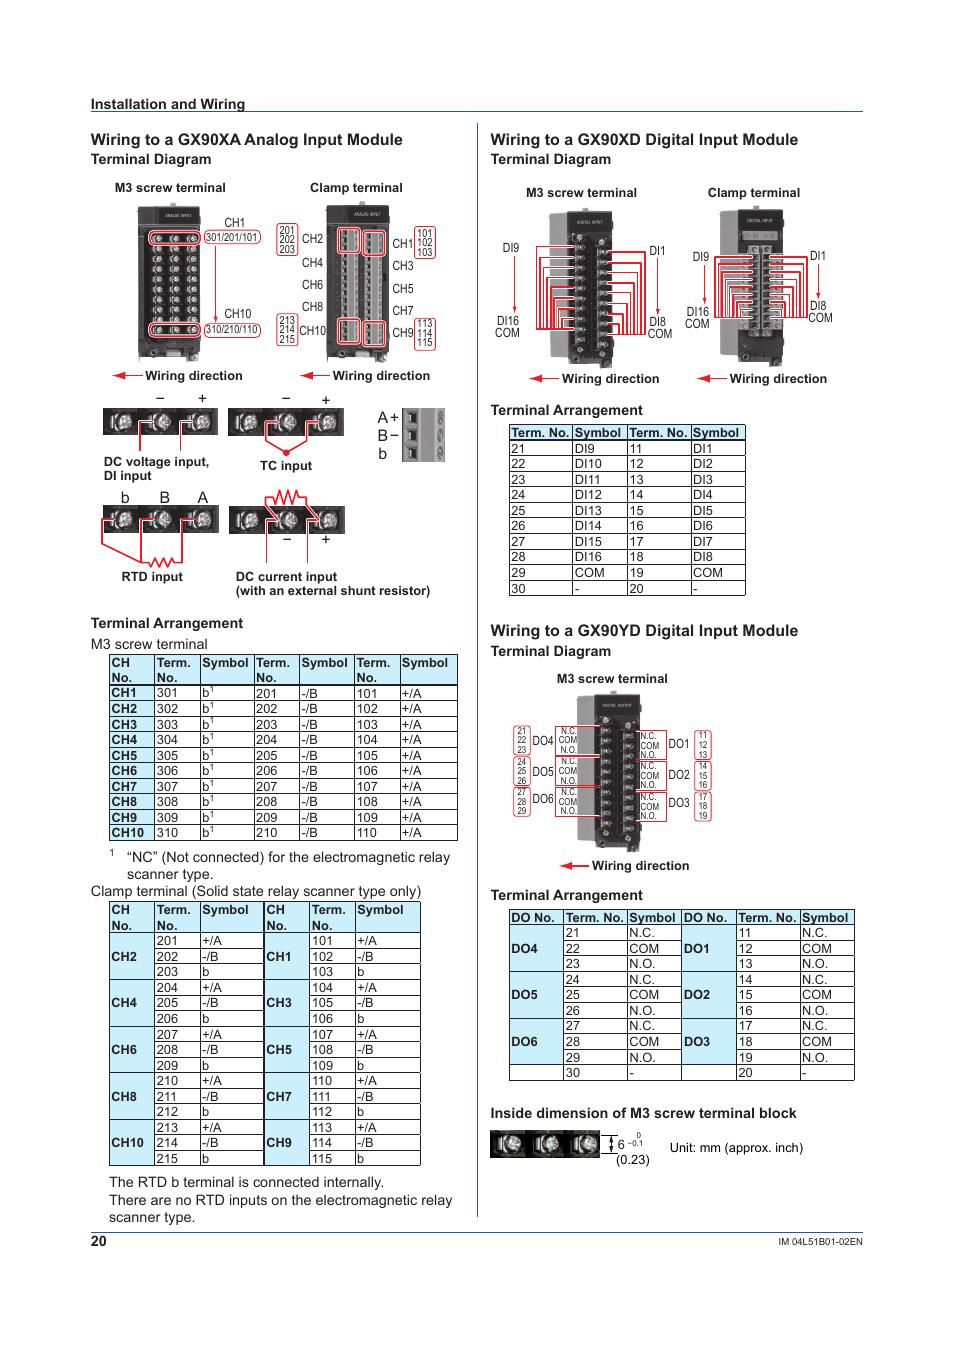 medium resolution of wiring to a gx90xa analog input module ab b b b wiring to a gx90xd digital